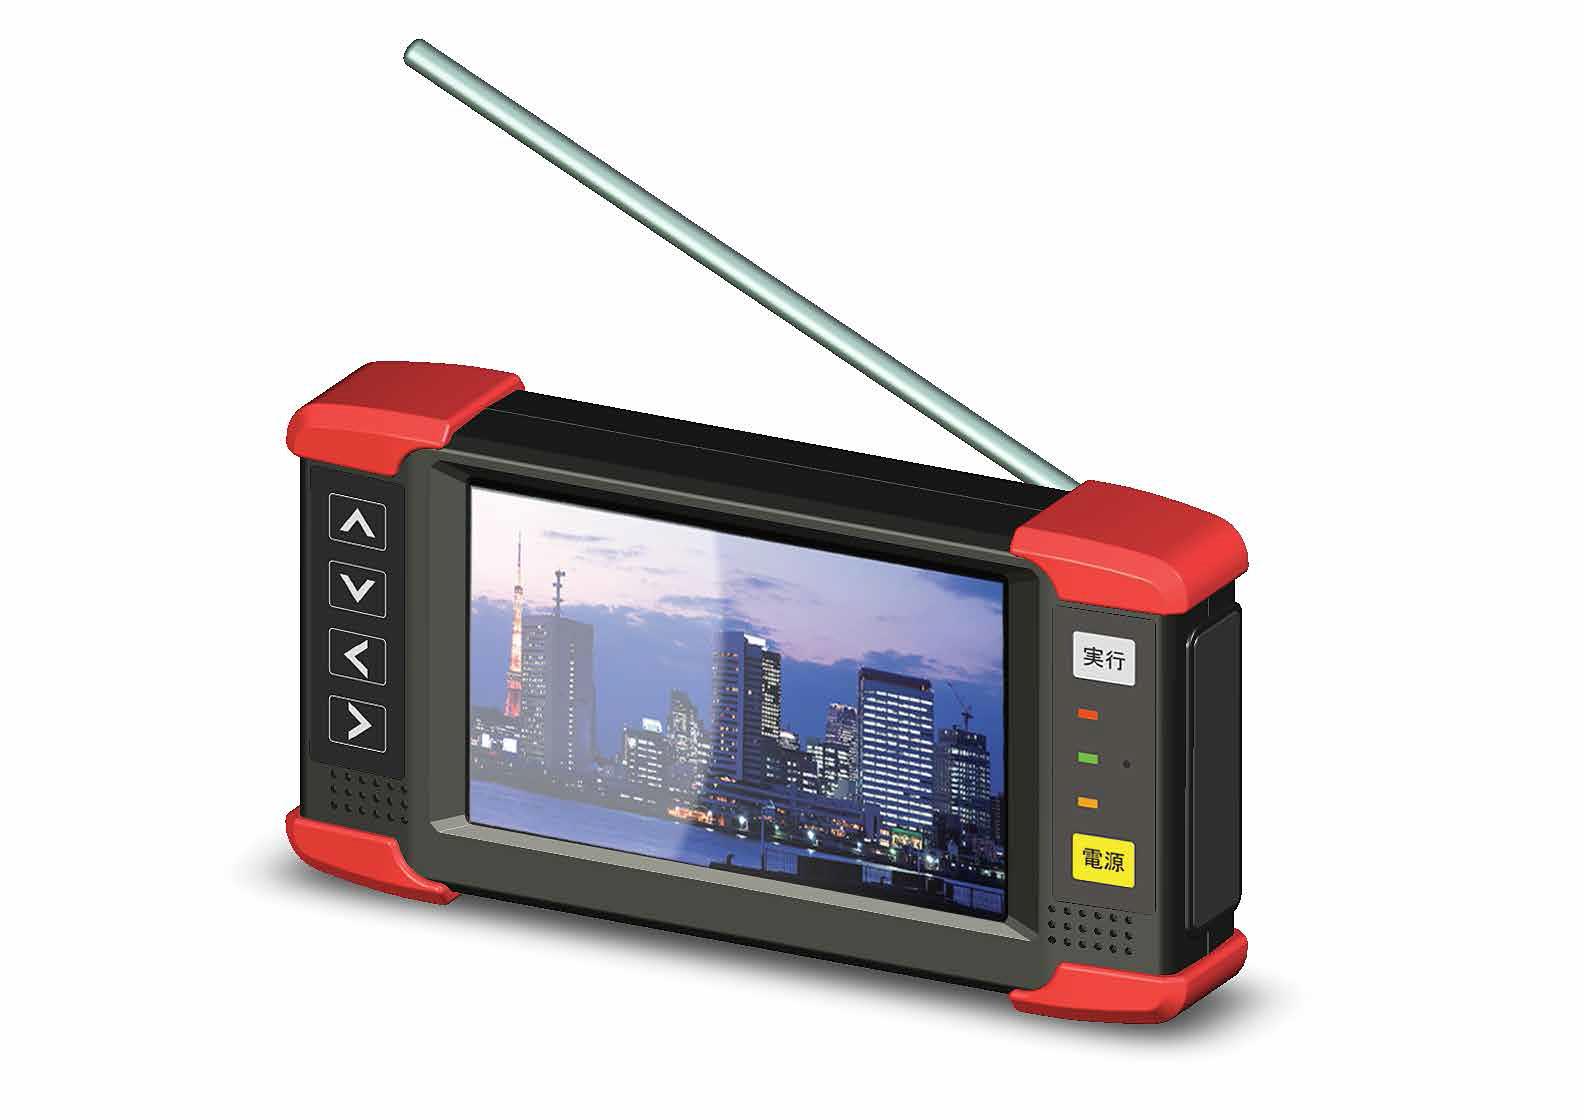 デジタル簡易無線タブレット「Mix-100」